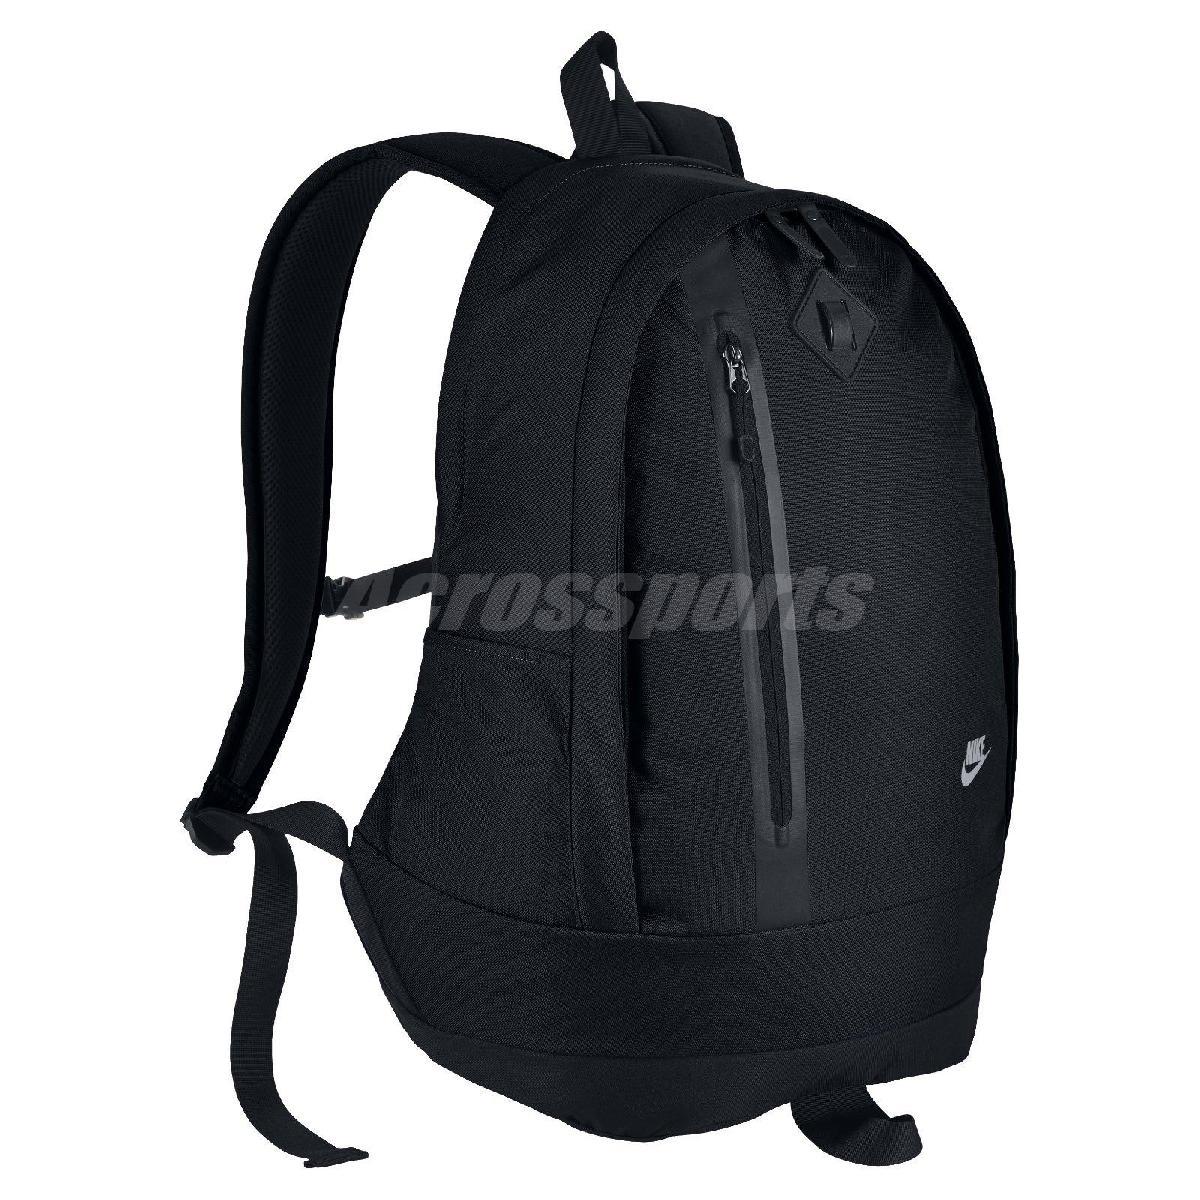 Nike後背包Cheyenne黑全黑色拉鍊經典包包筆電包書包男女PUMP306 BA5230-010